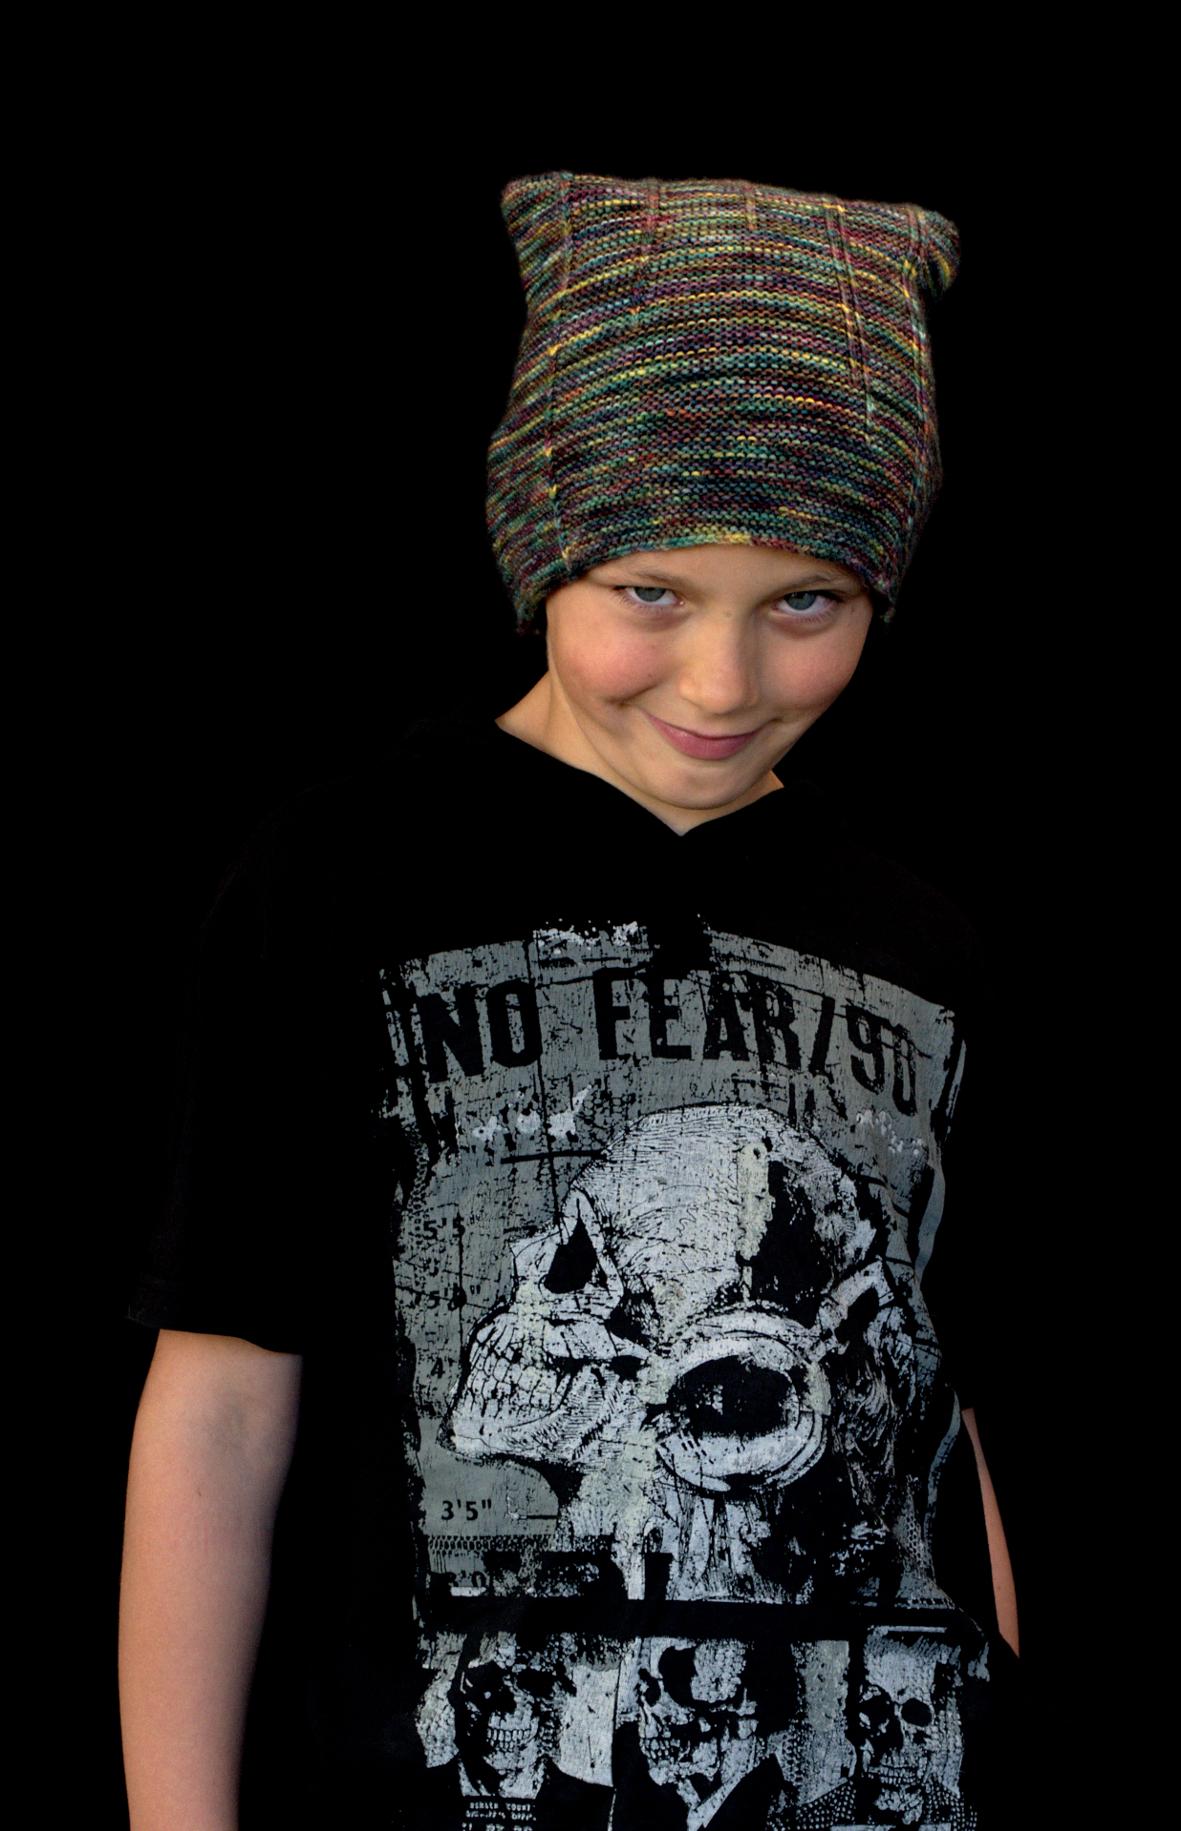 Allerton skater style Hat hand knitting pattern